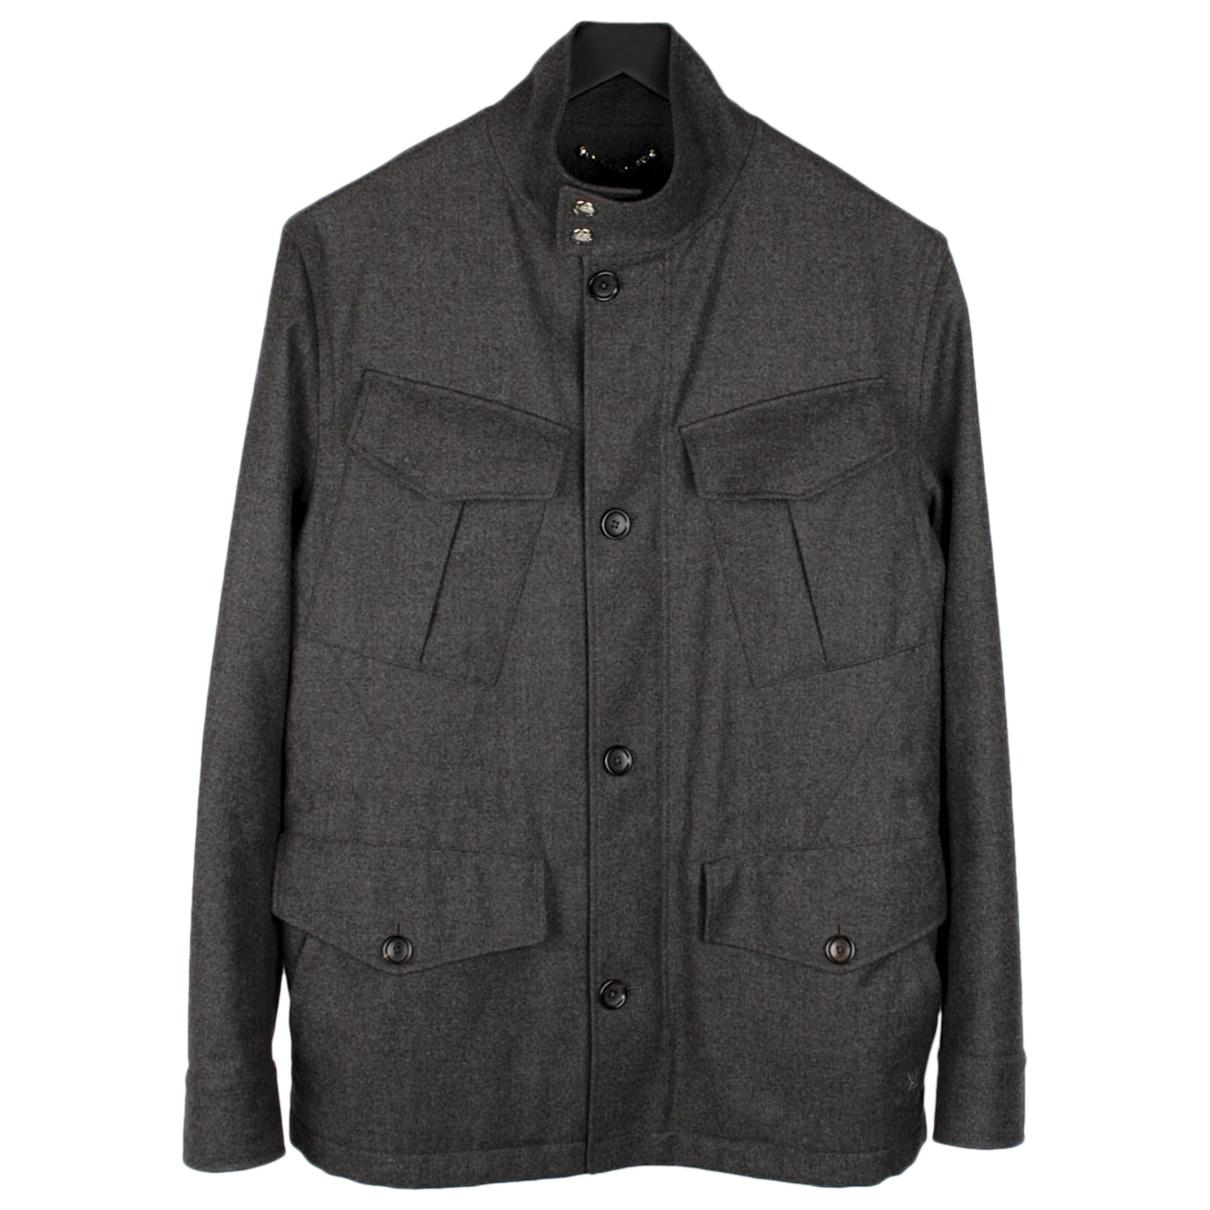 Louis Vuitton - Vestes.Blousons   pour homme en laine - gris